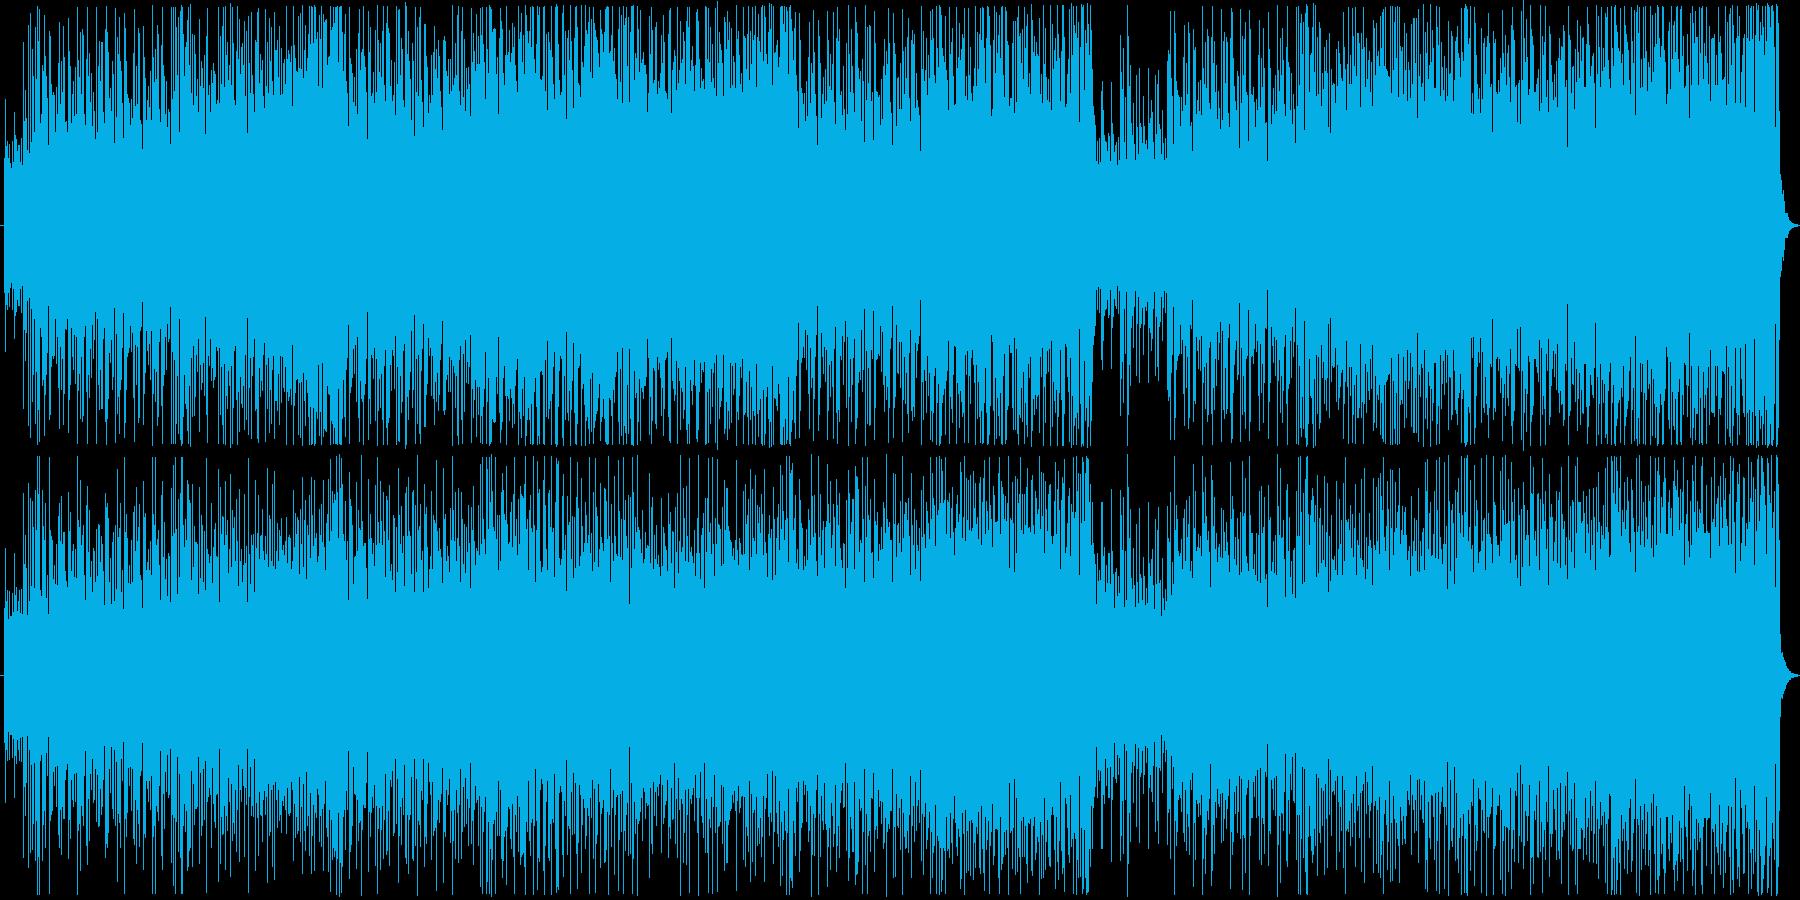 ファンキーなブラスセクションによる軽快…の再生済みの波形